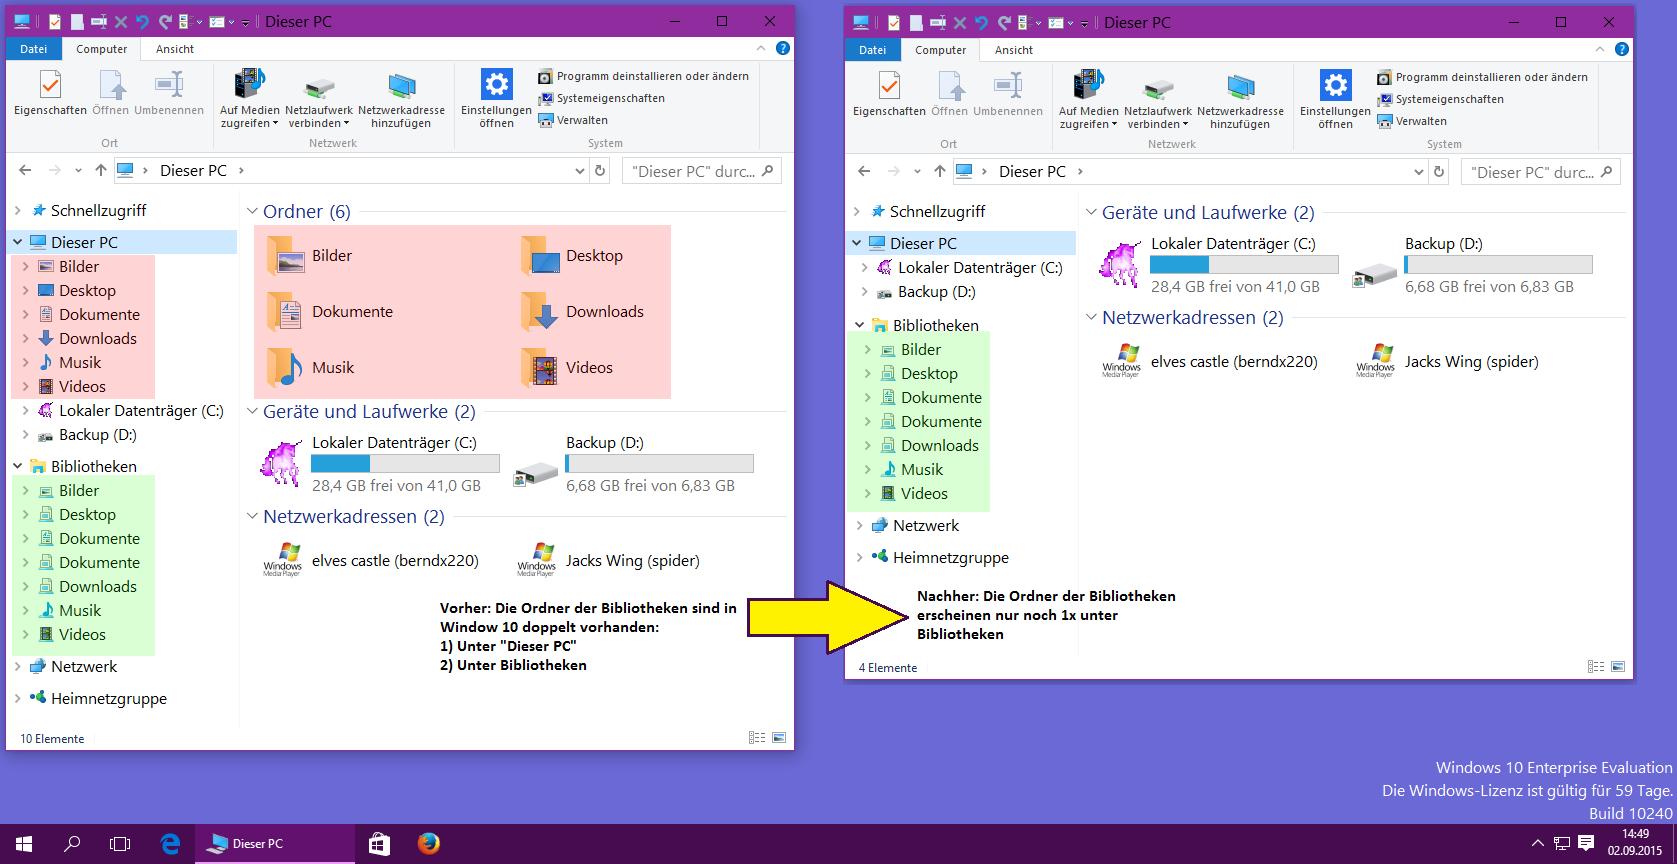 Windows 10 Explorer - Dieser PC mit doppelten Bibliotheken